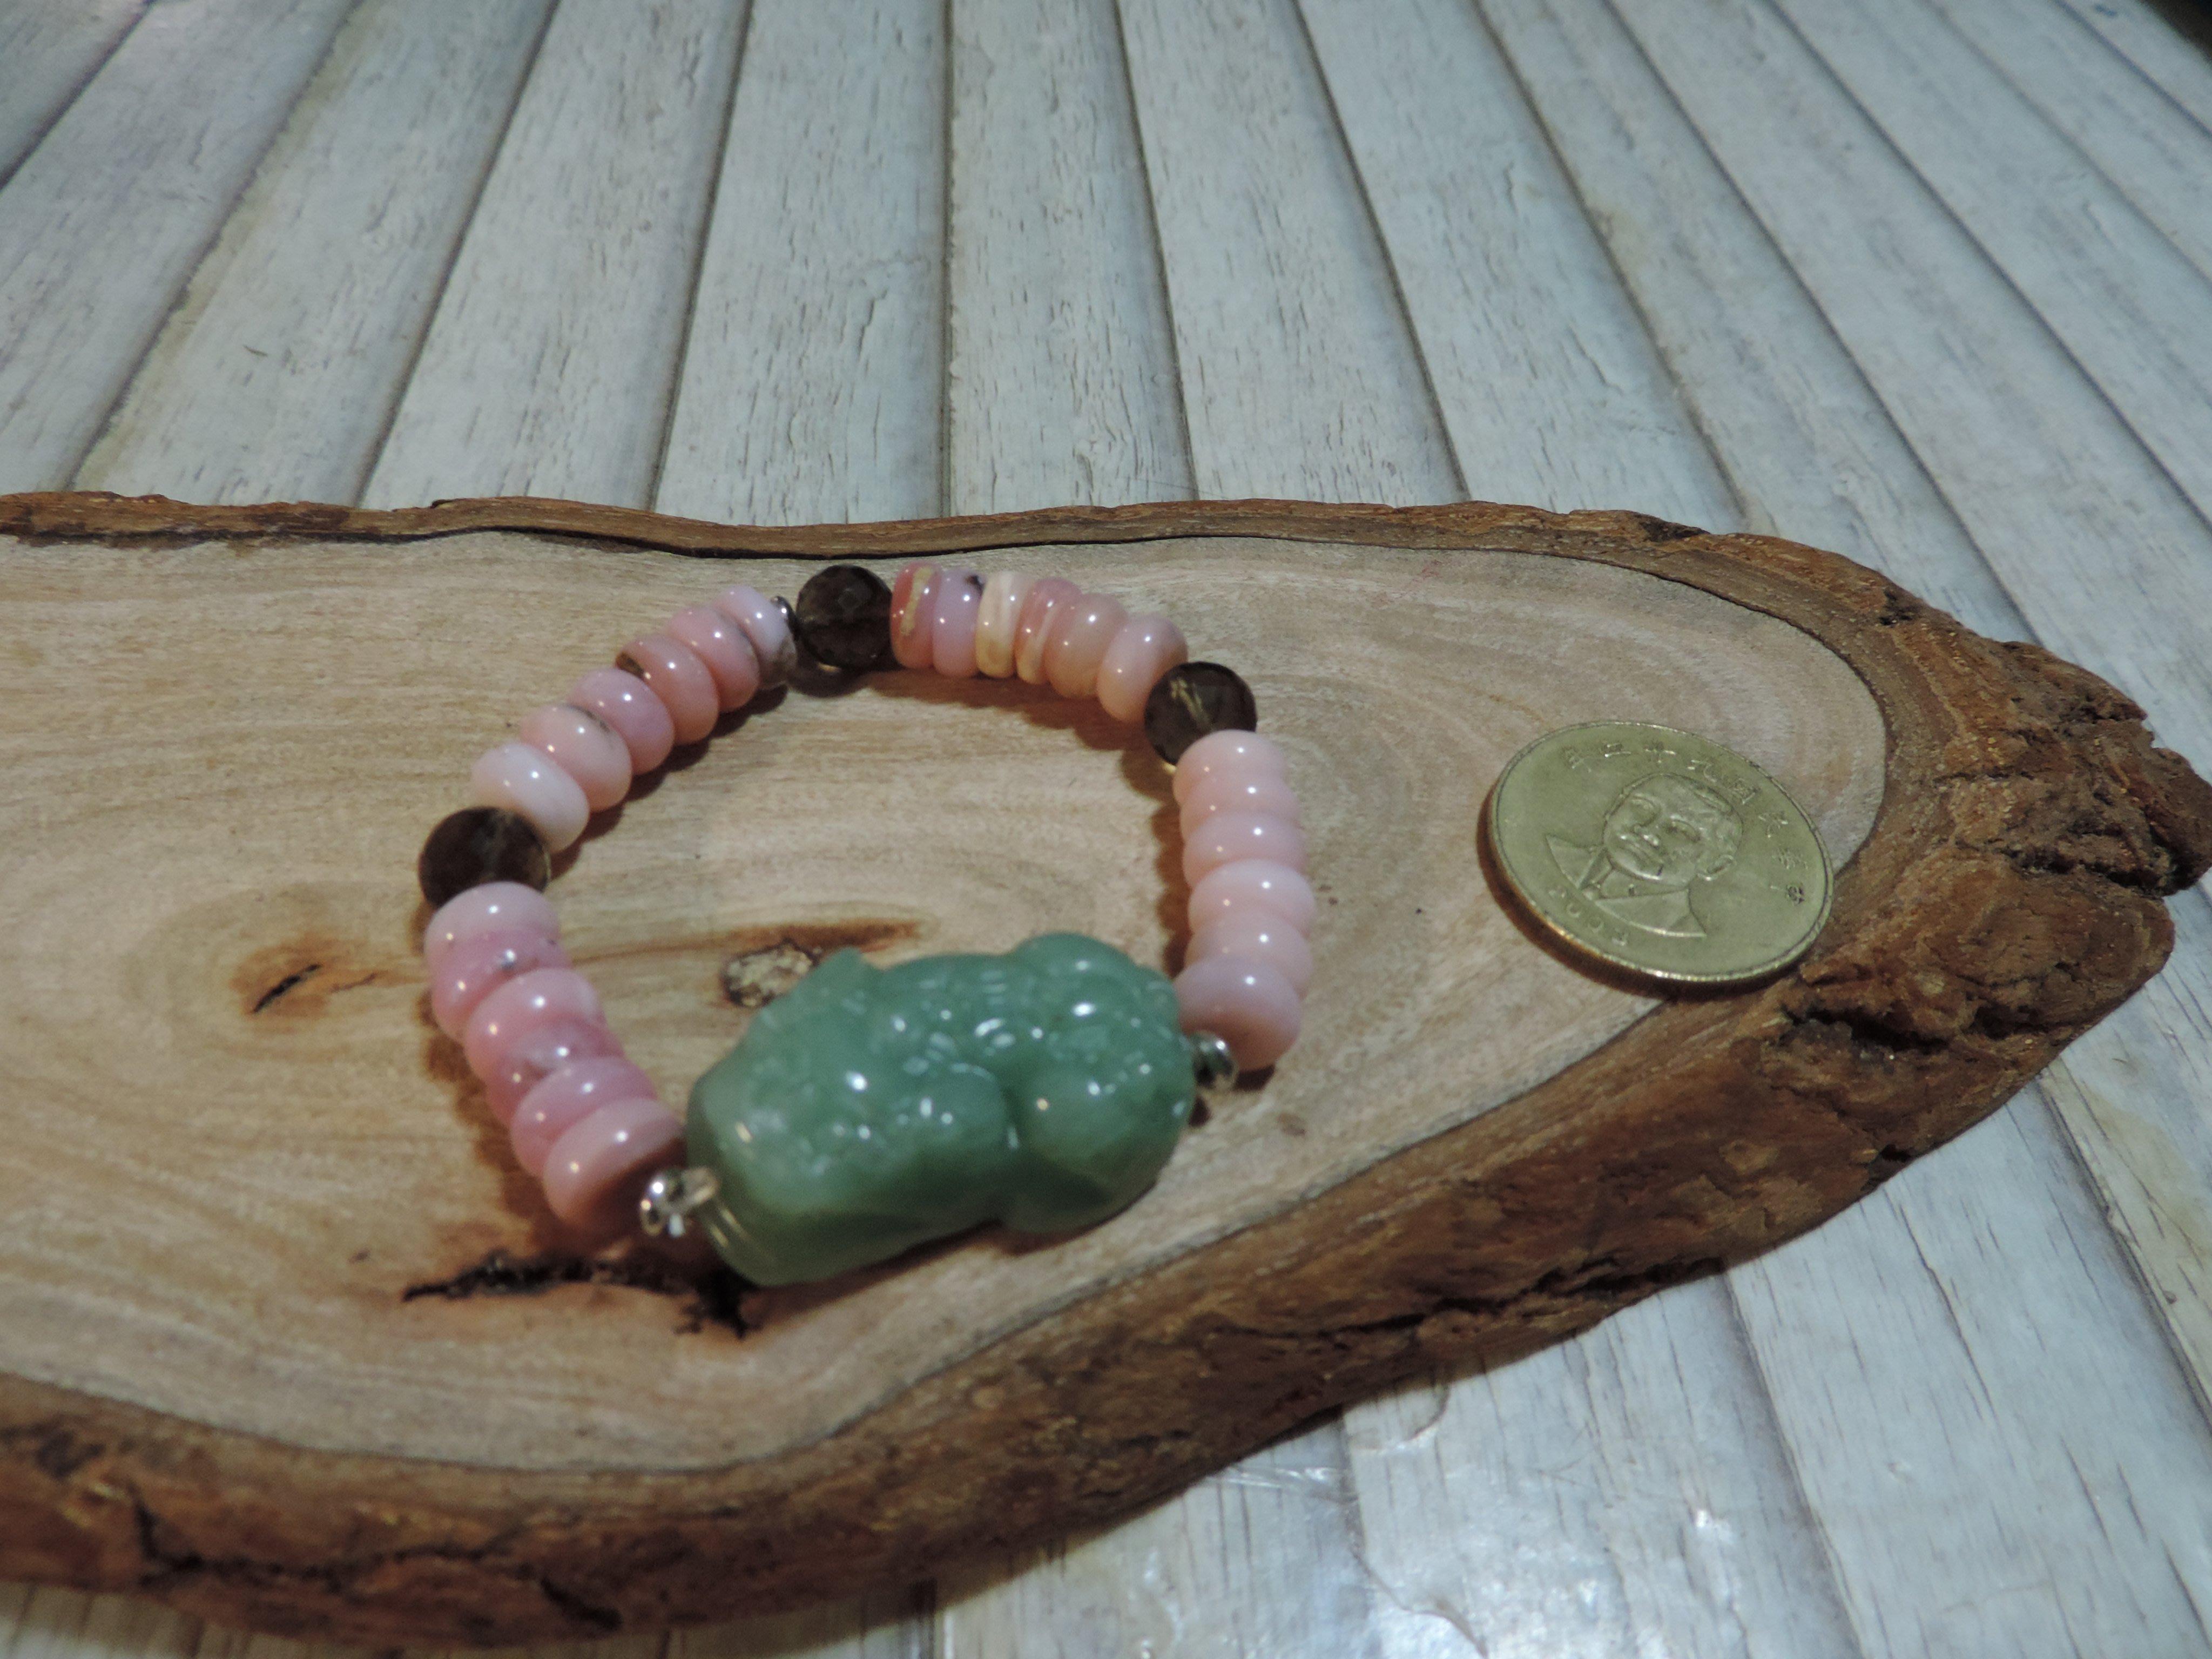 天然玉豼貅+水晶粉蛋白石手鍊 嫩綠玉冰清透光 粉紅蛋白石變彩熒光 貴氣寶石手串 鬆緊帶手鍊手環